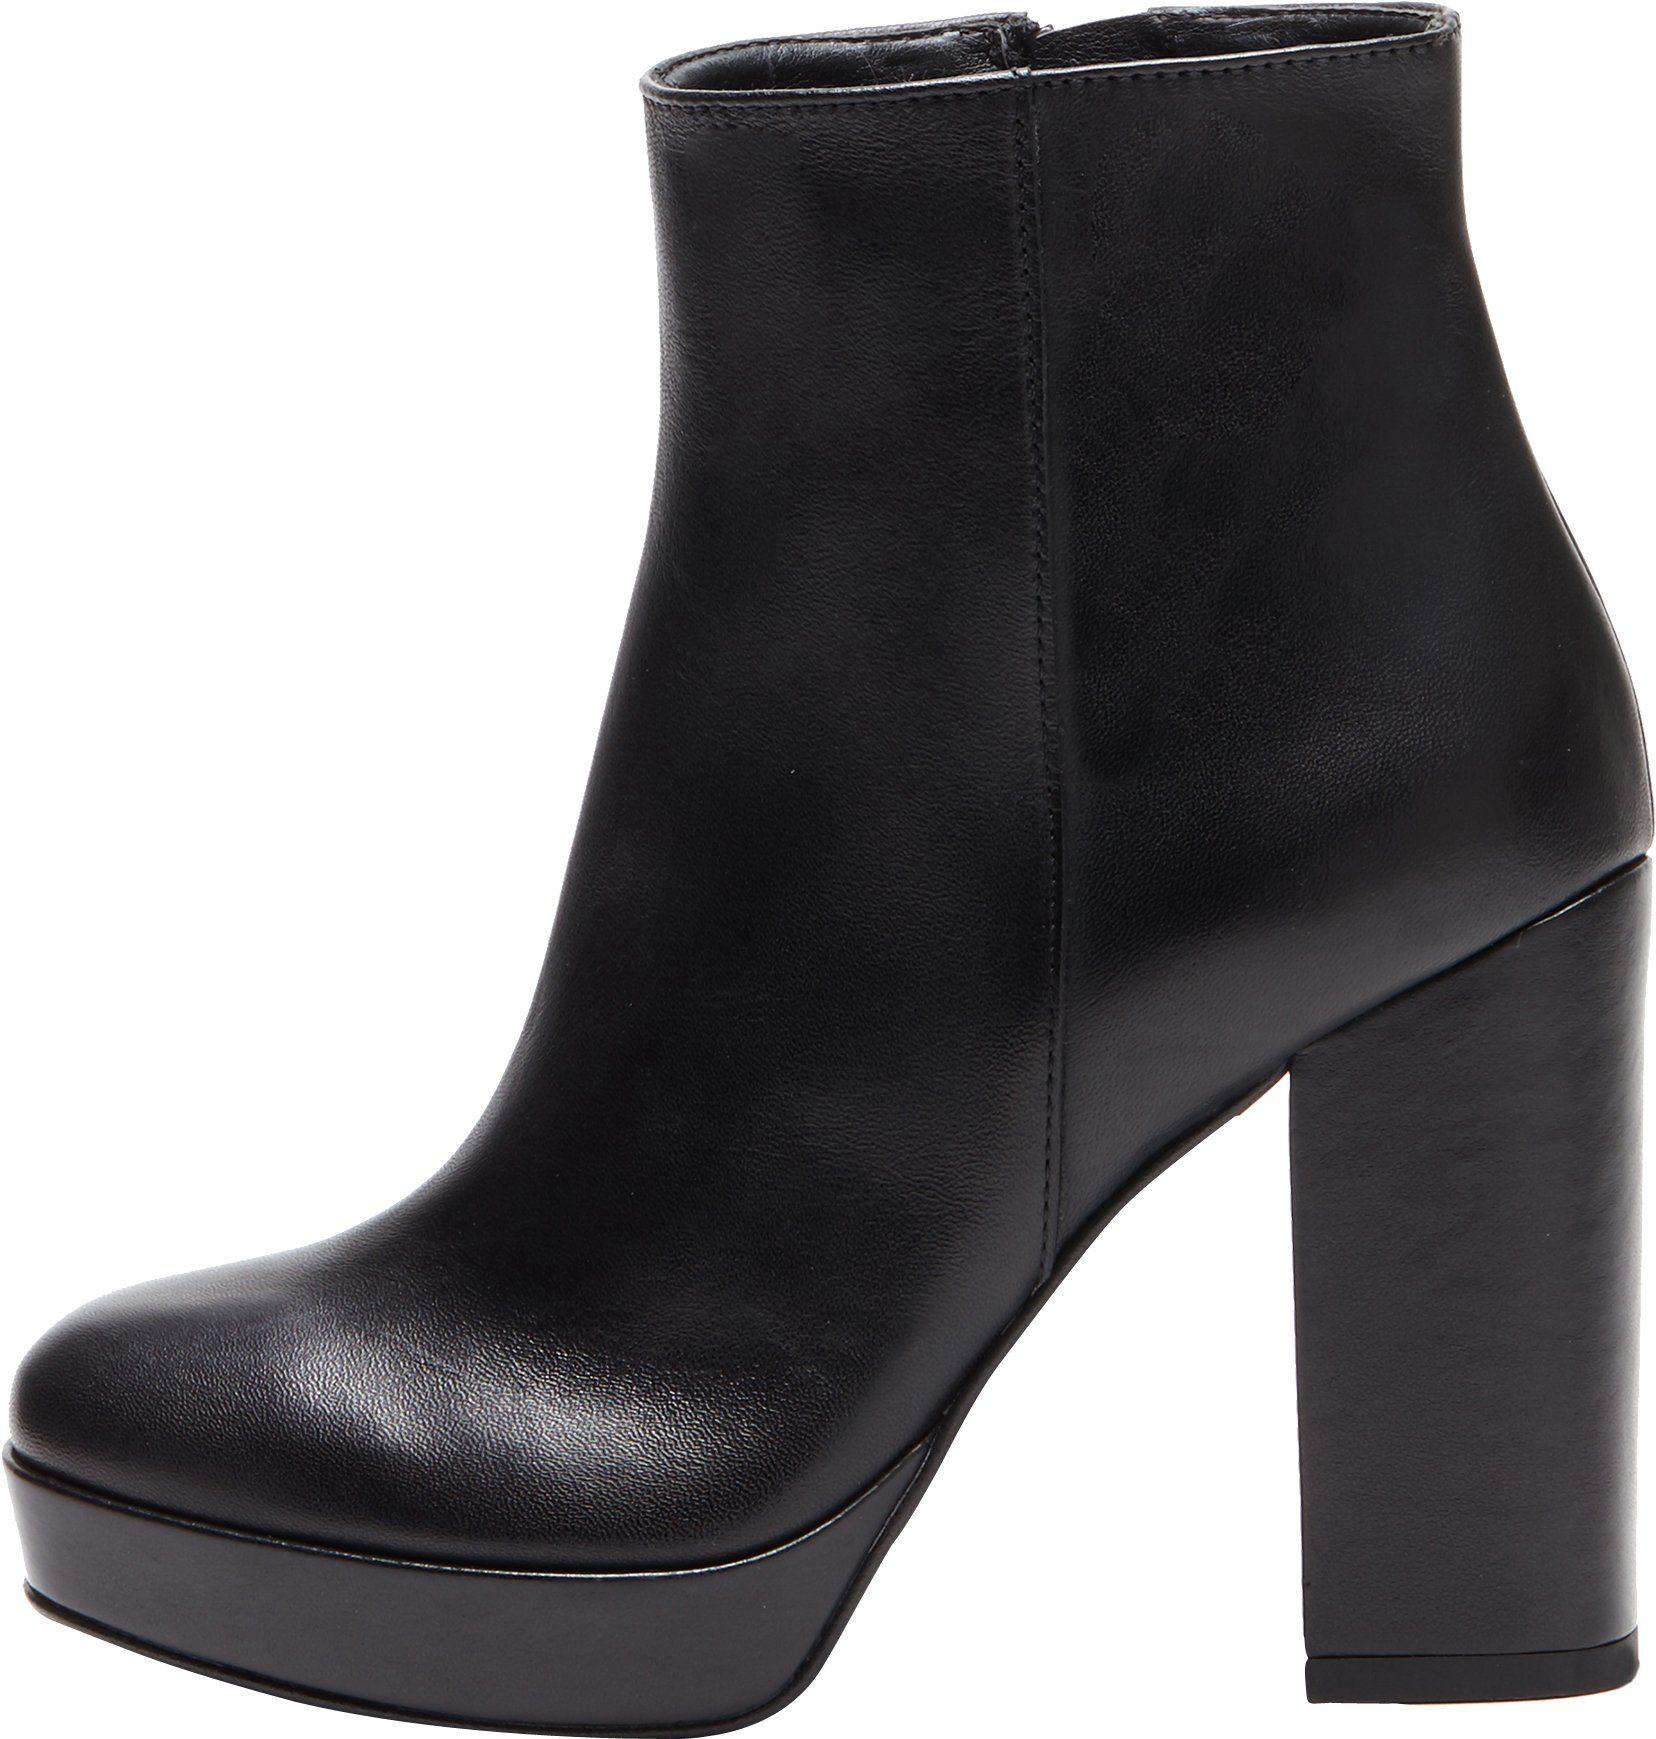 PoiLei Fiorella High-Heel-Stiefelette, im modernen Look online kaufen  schwarz